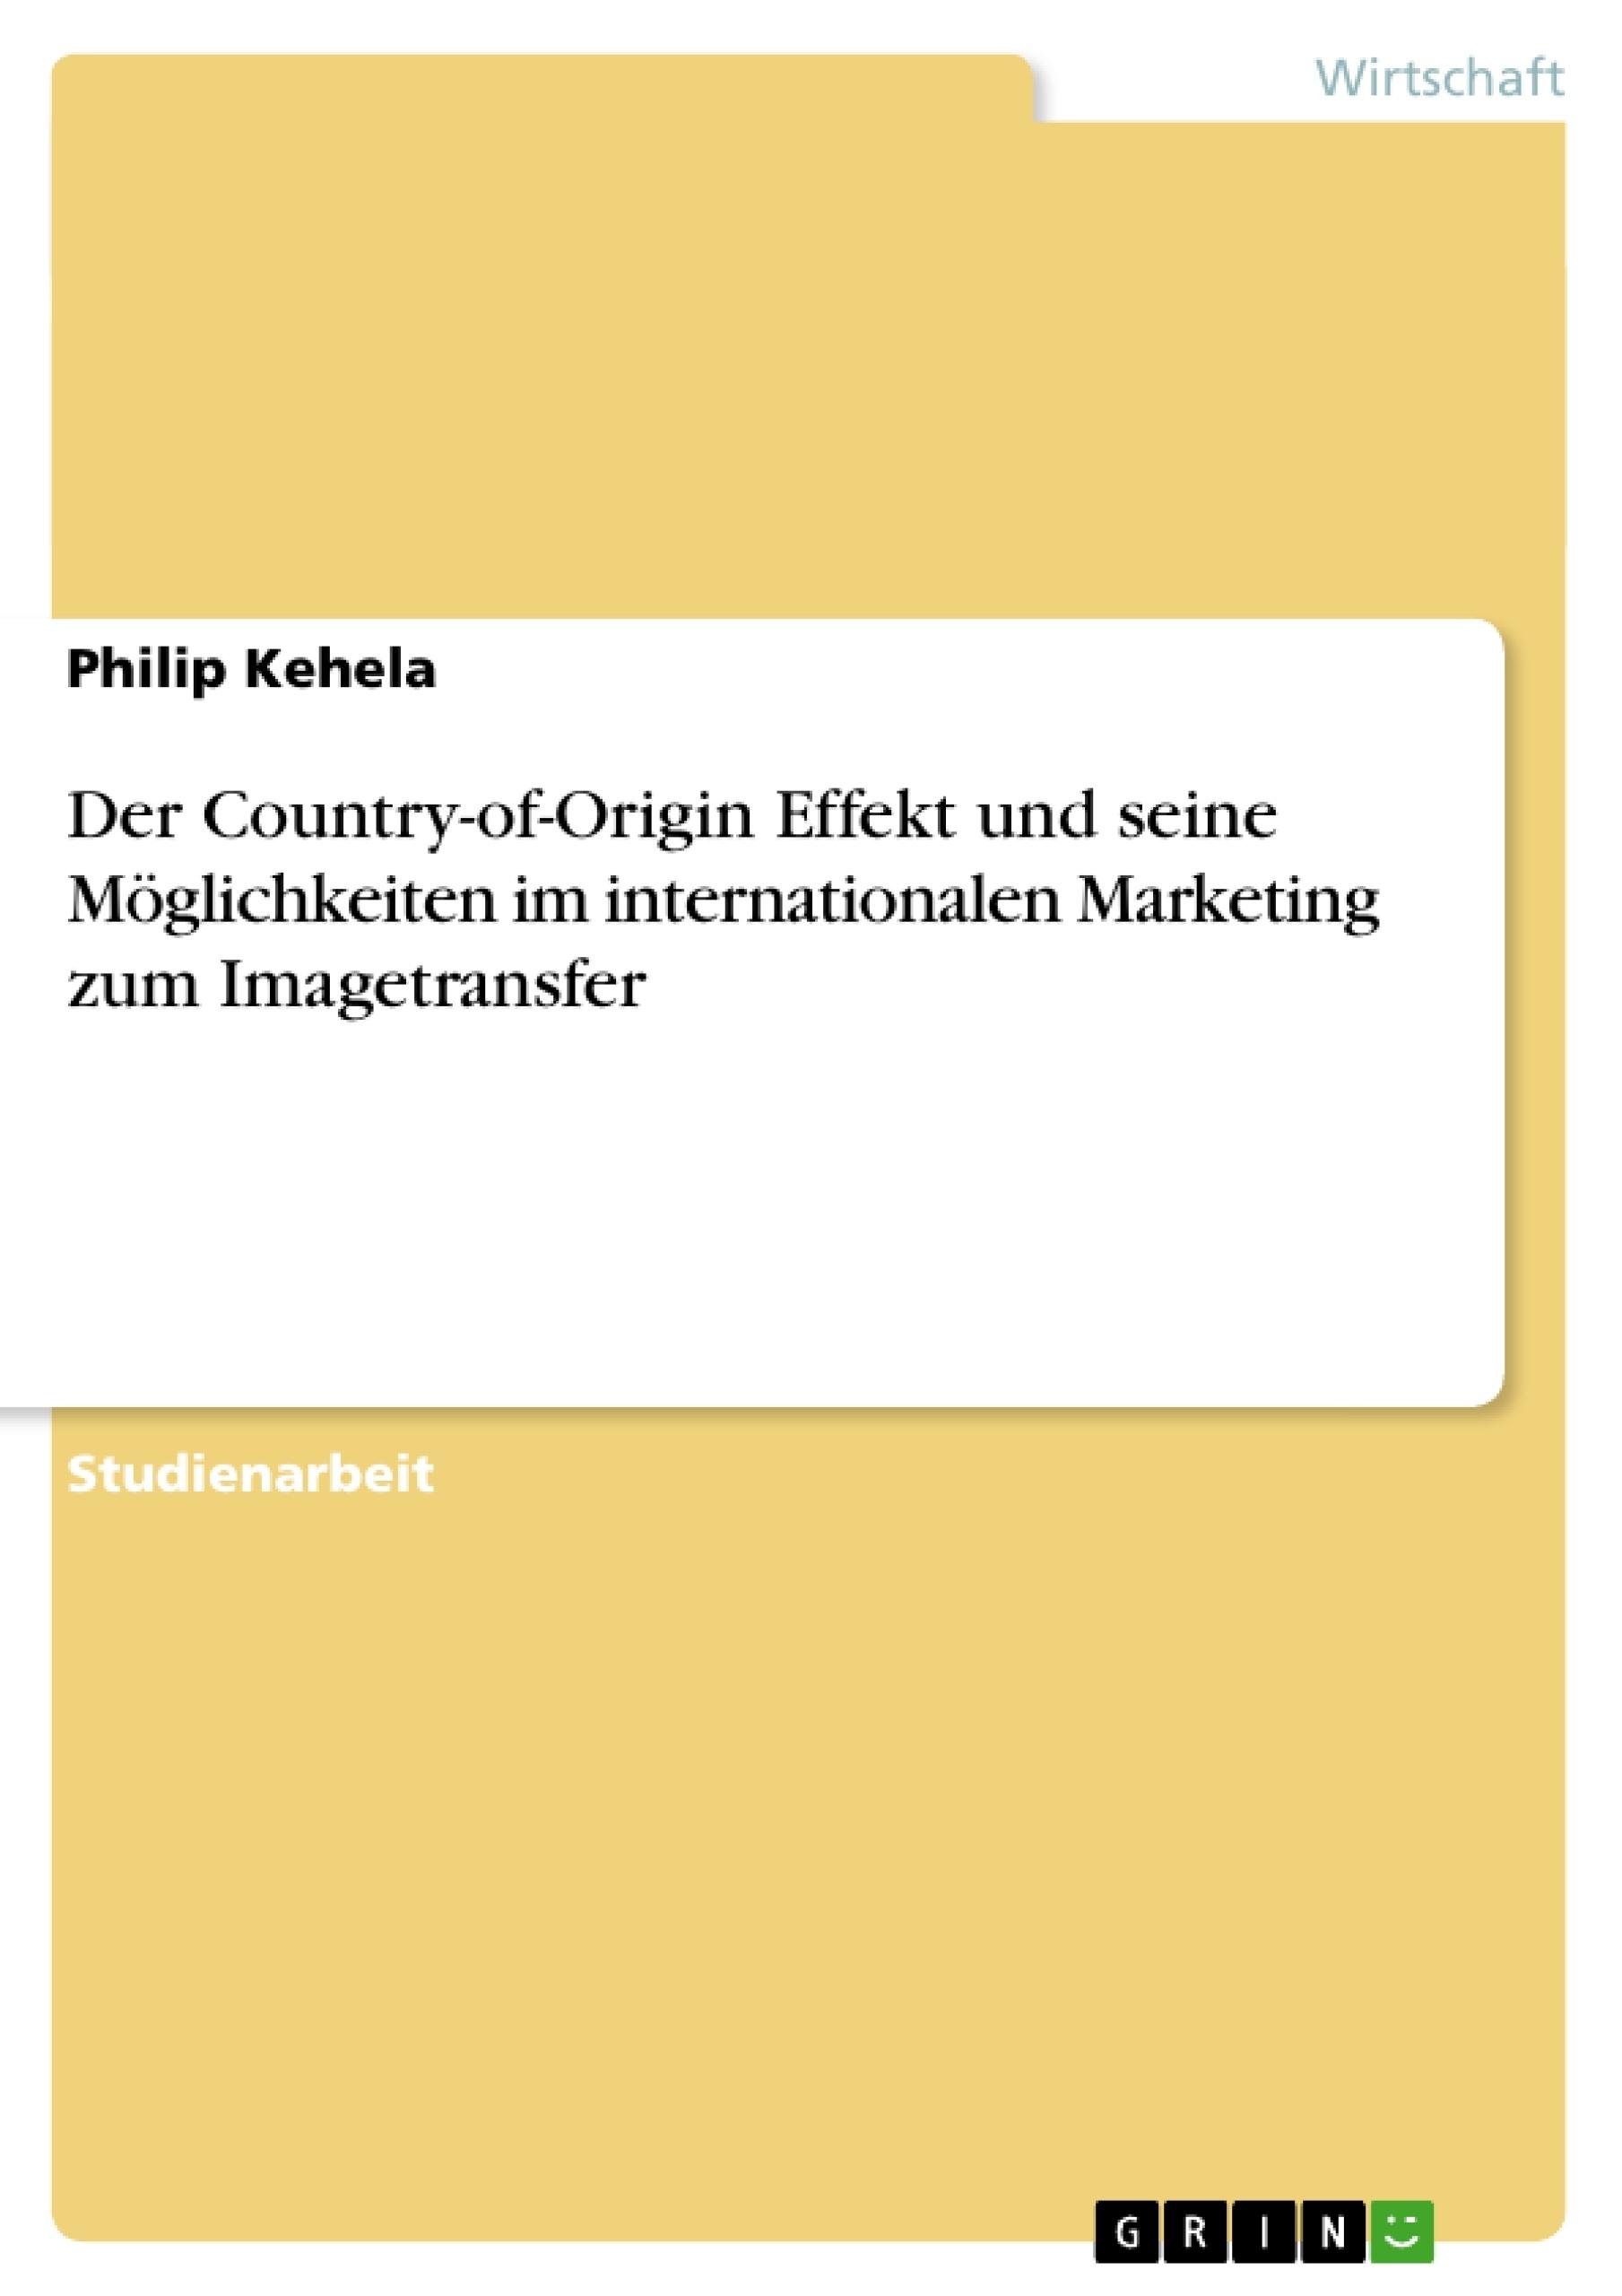 Titel: Der Country-of-Origin Effekt und seine Möglichkeiten im internationalen Marketing zum Imagetransfer